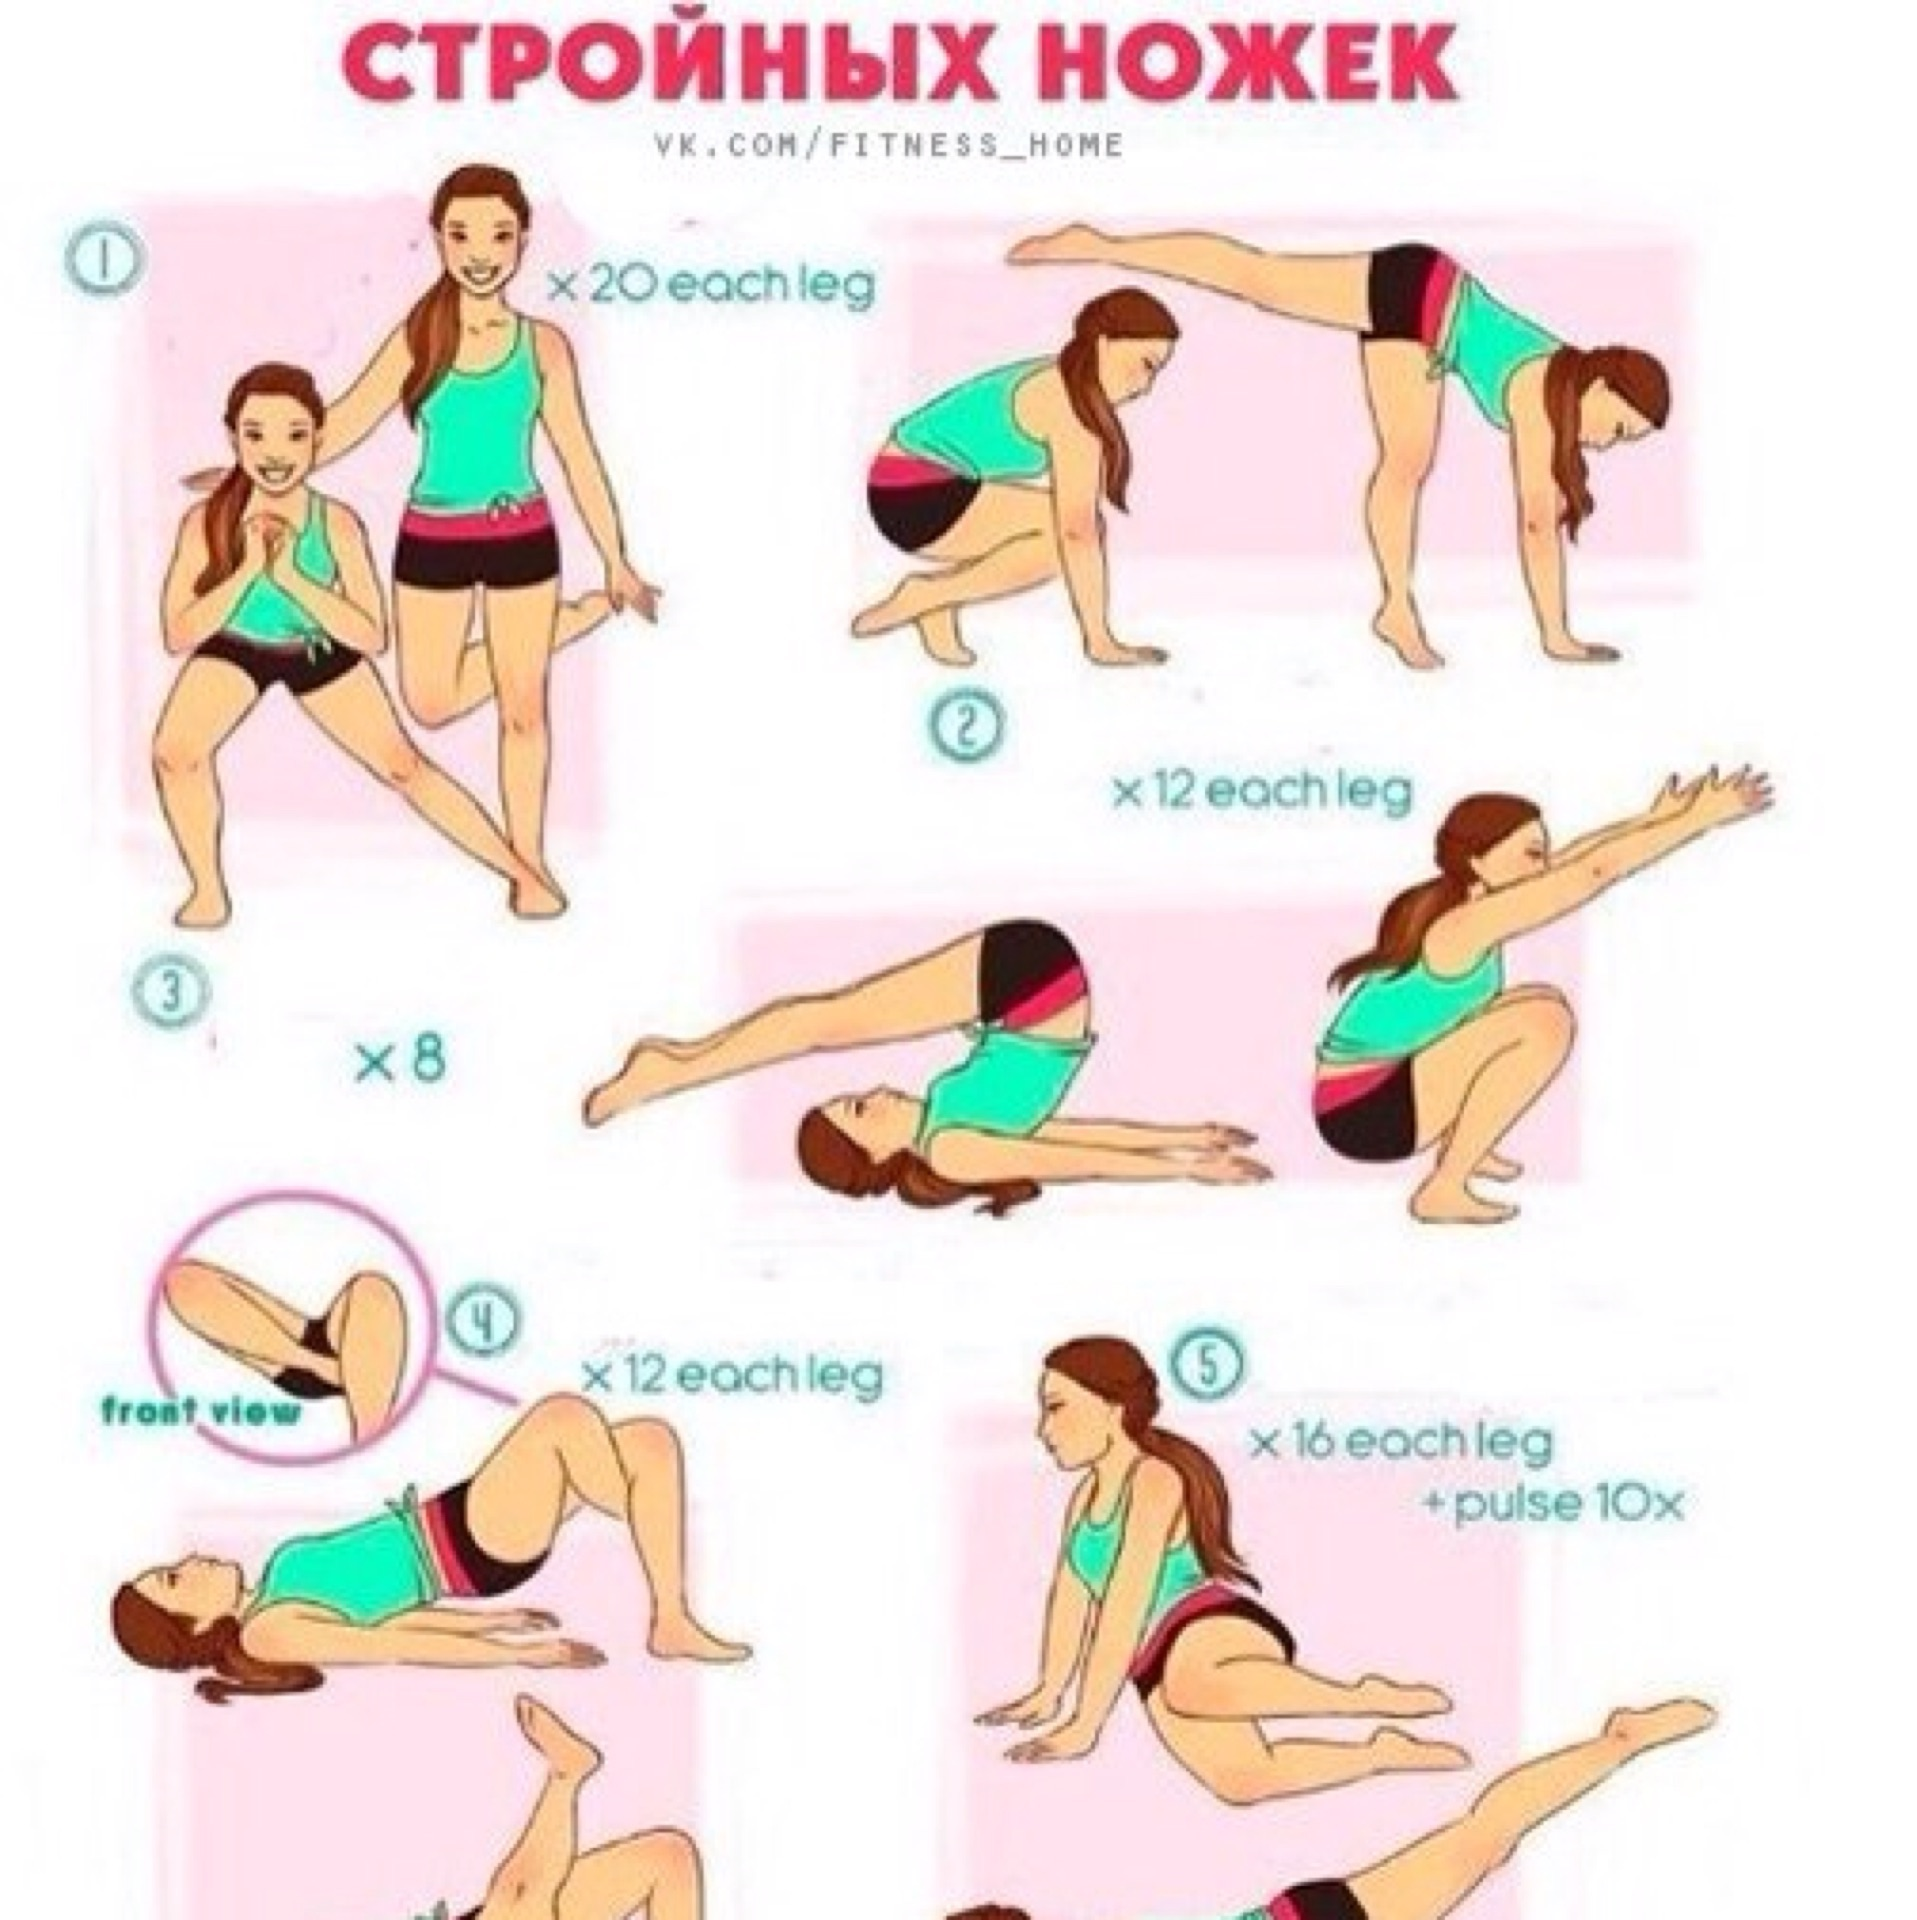 Похудение Рецепты Упражнения. Простые и эффективные упражнения для снижения веса в домашних условиях